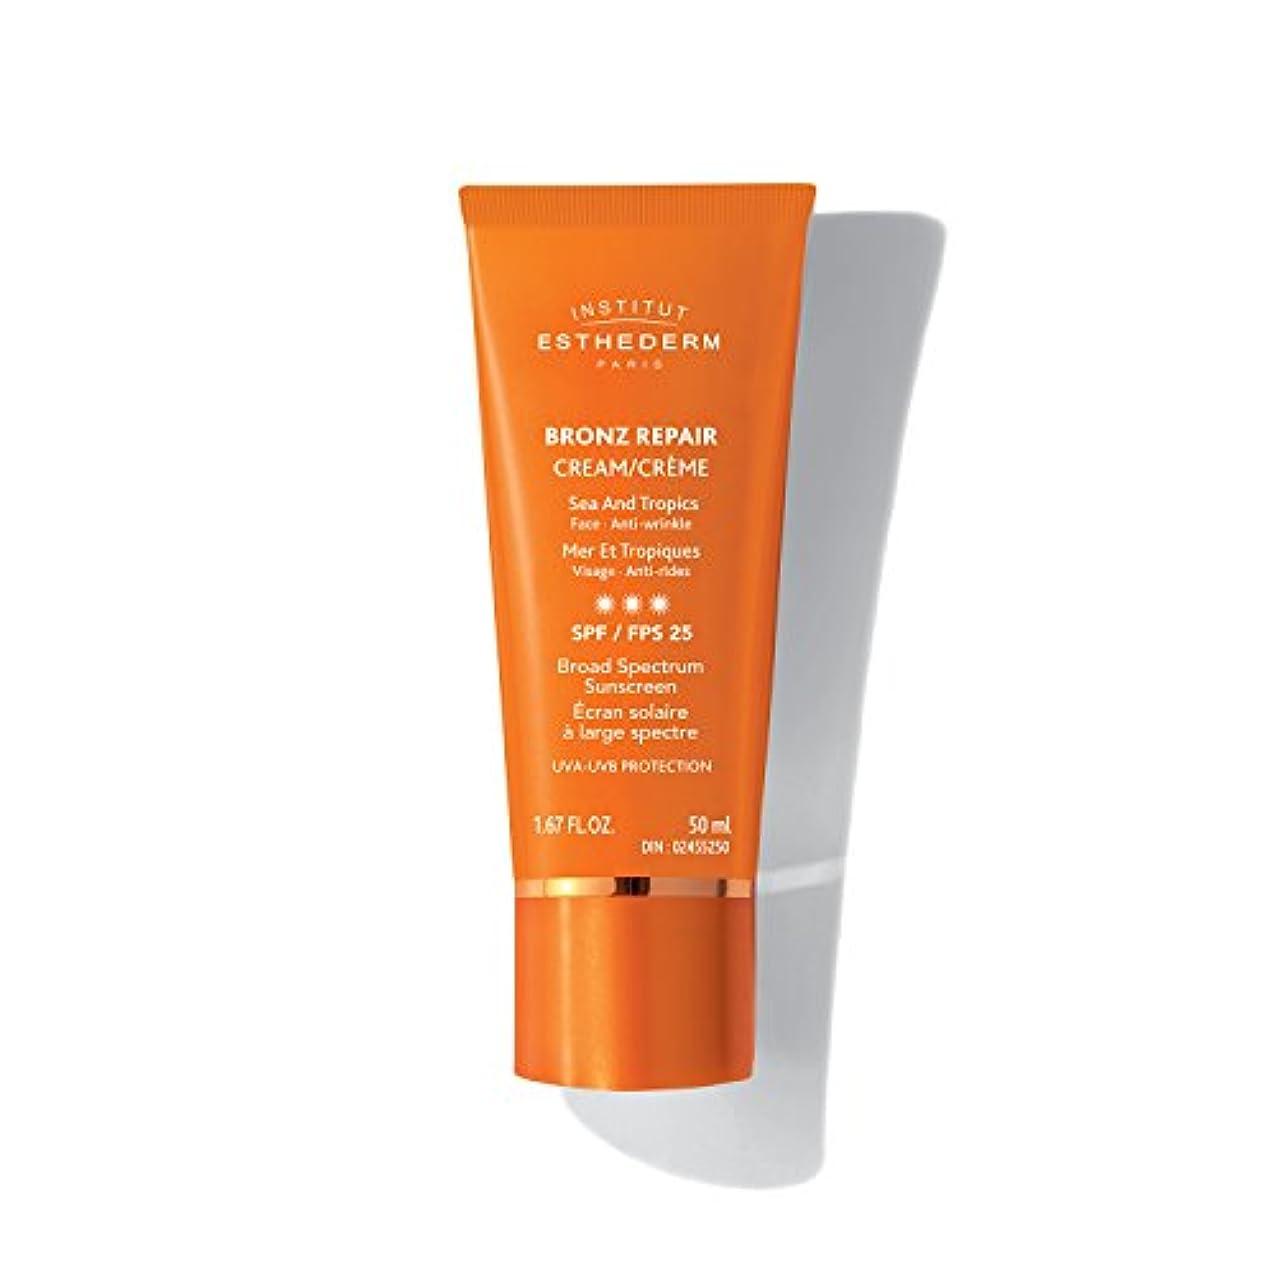 周辺バイバイテクニカルInstitut Esthederm Bronz Repair Protective Anti-wrinkle And Firming Face Care Strong Sun 50ml